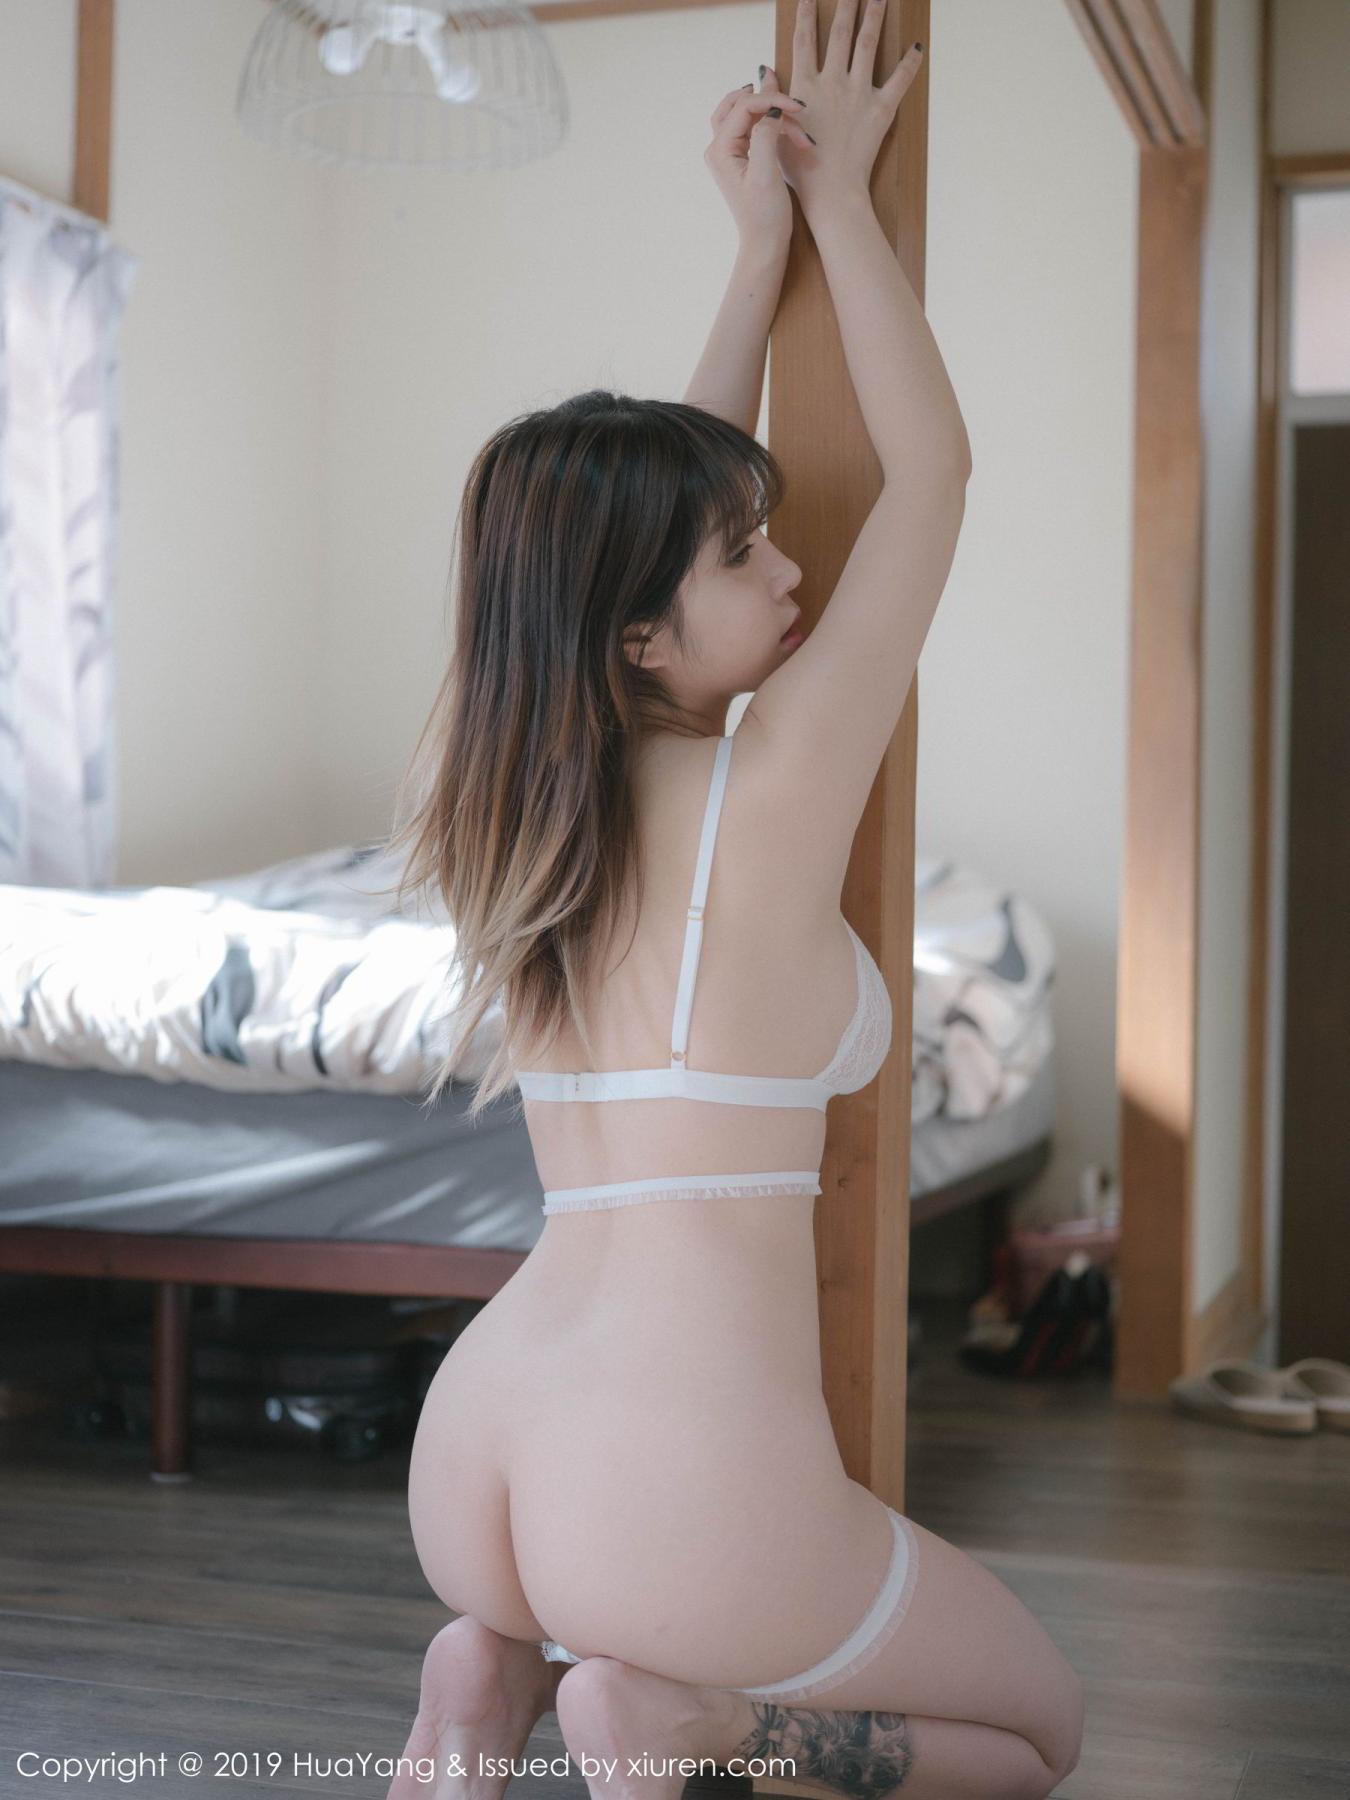 [Huayang] Vol.120 Wang Yu Chun 7P, Adult, Big Booty, HuaYang, Underwear, Wang Yu Chun